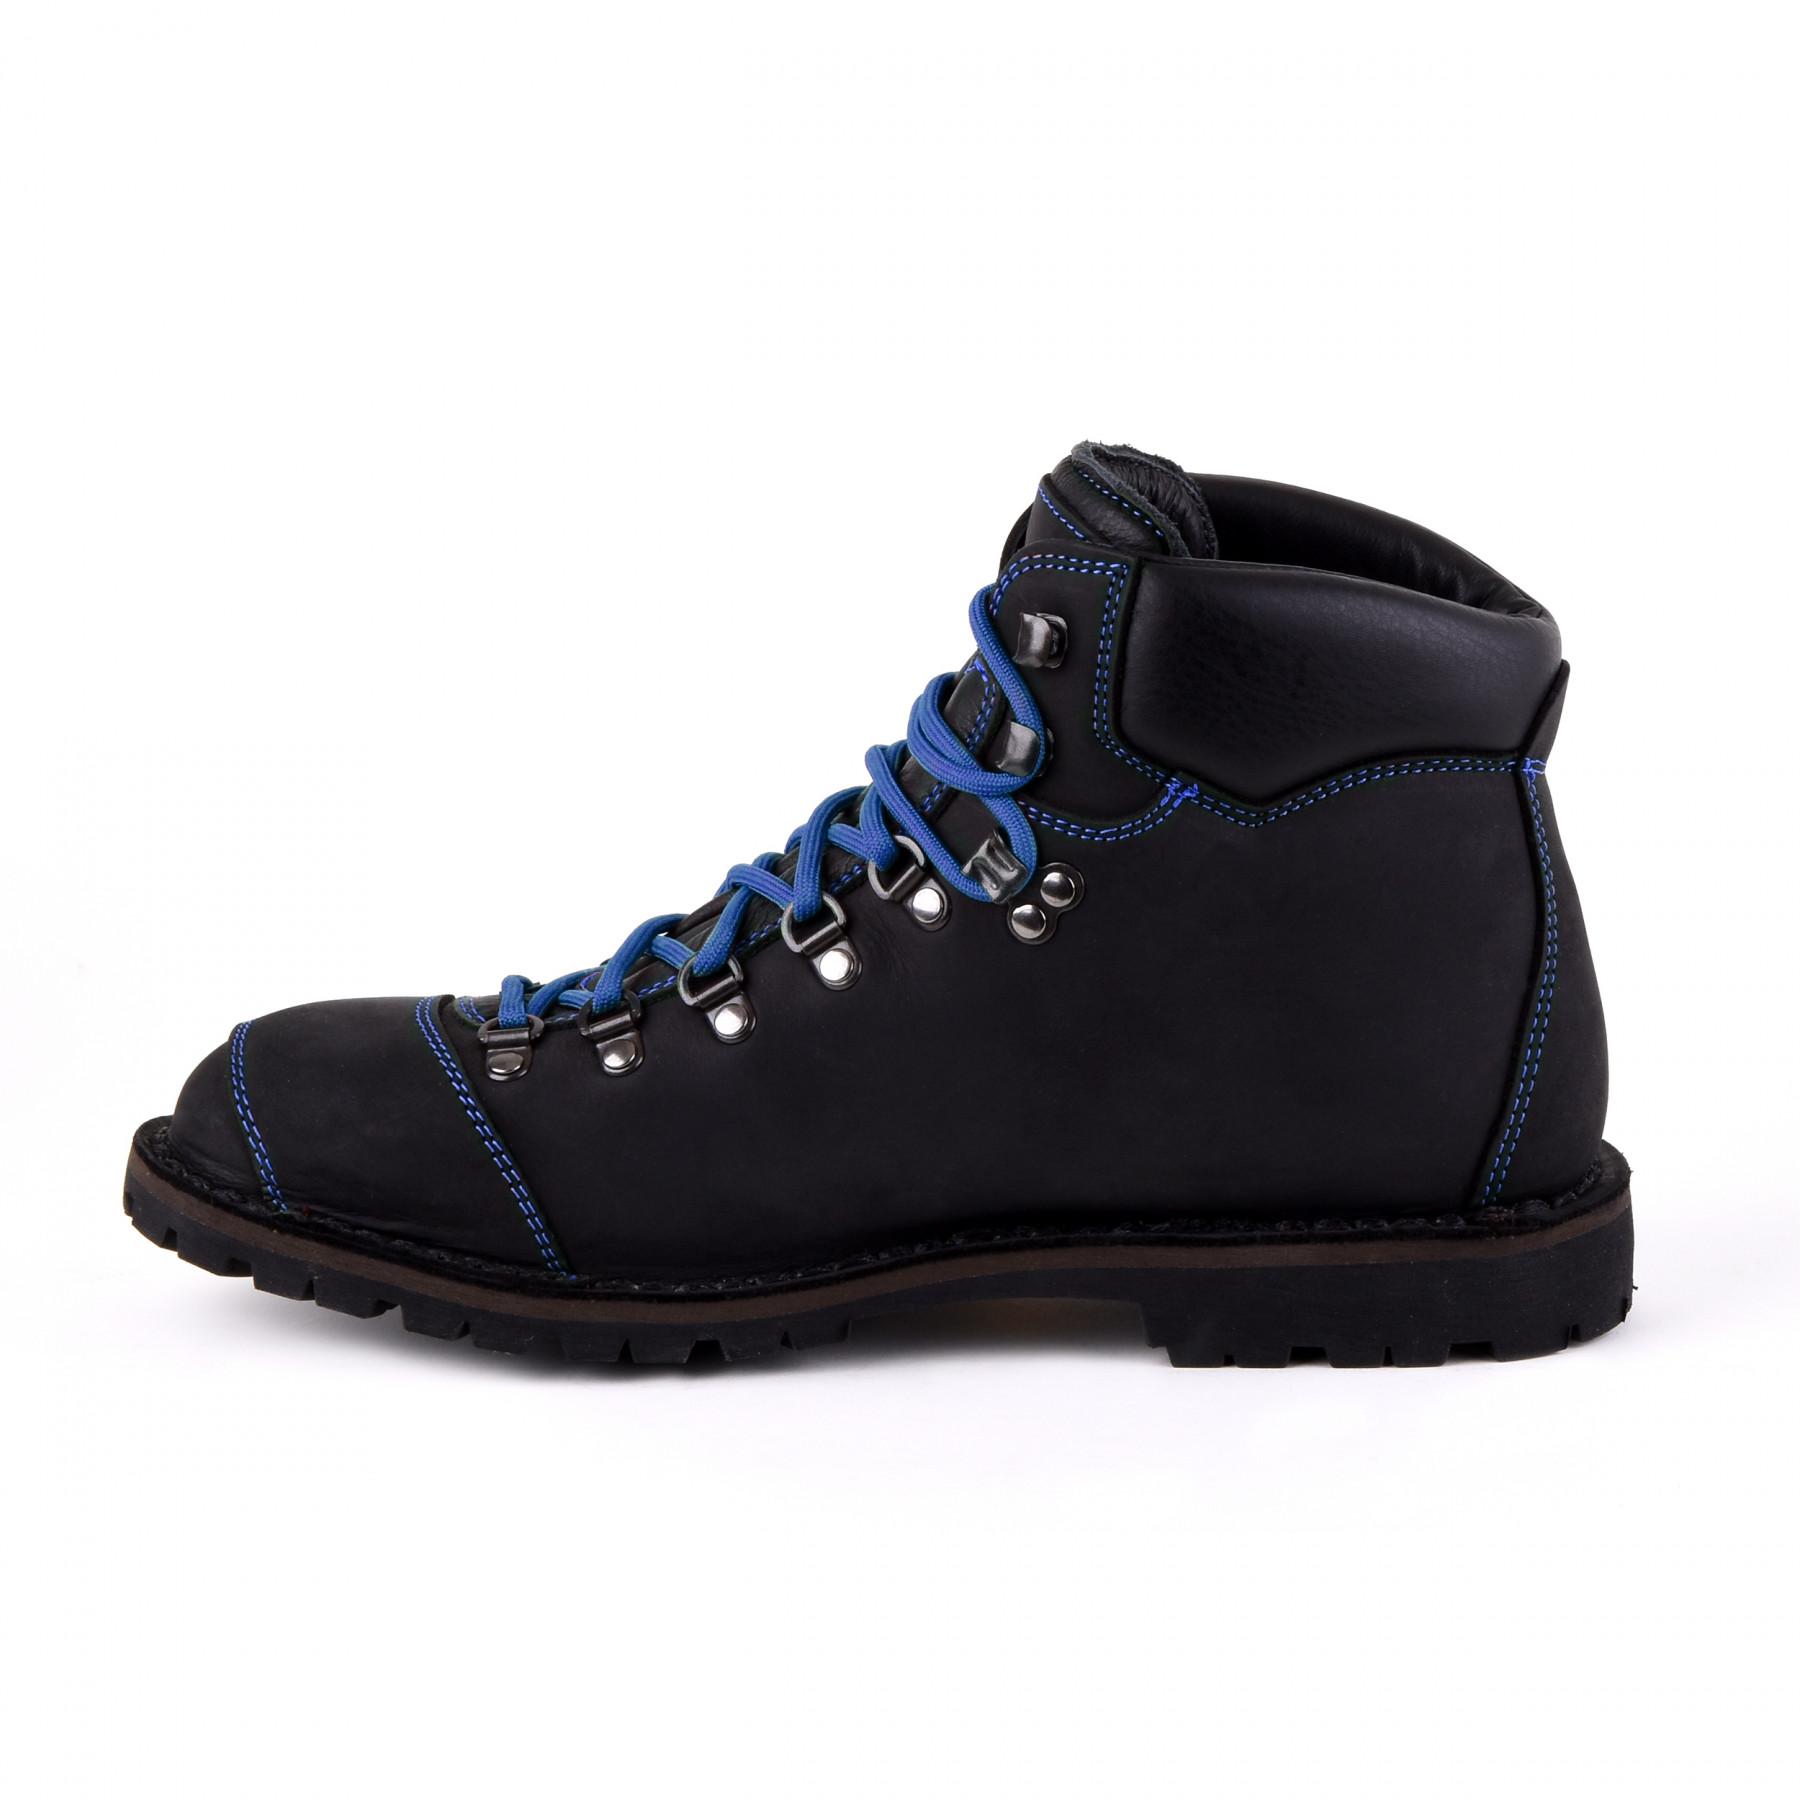 Biker Boot Adventure Denver Black, schwarze Herren Stiefel, blaue Nähte